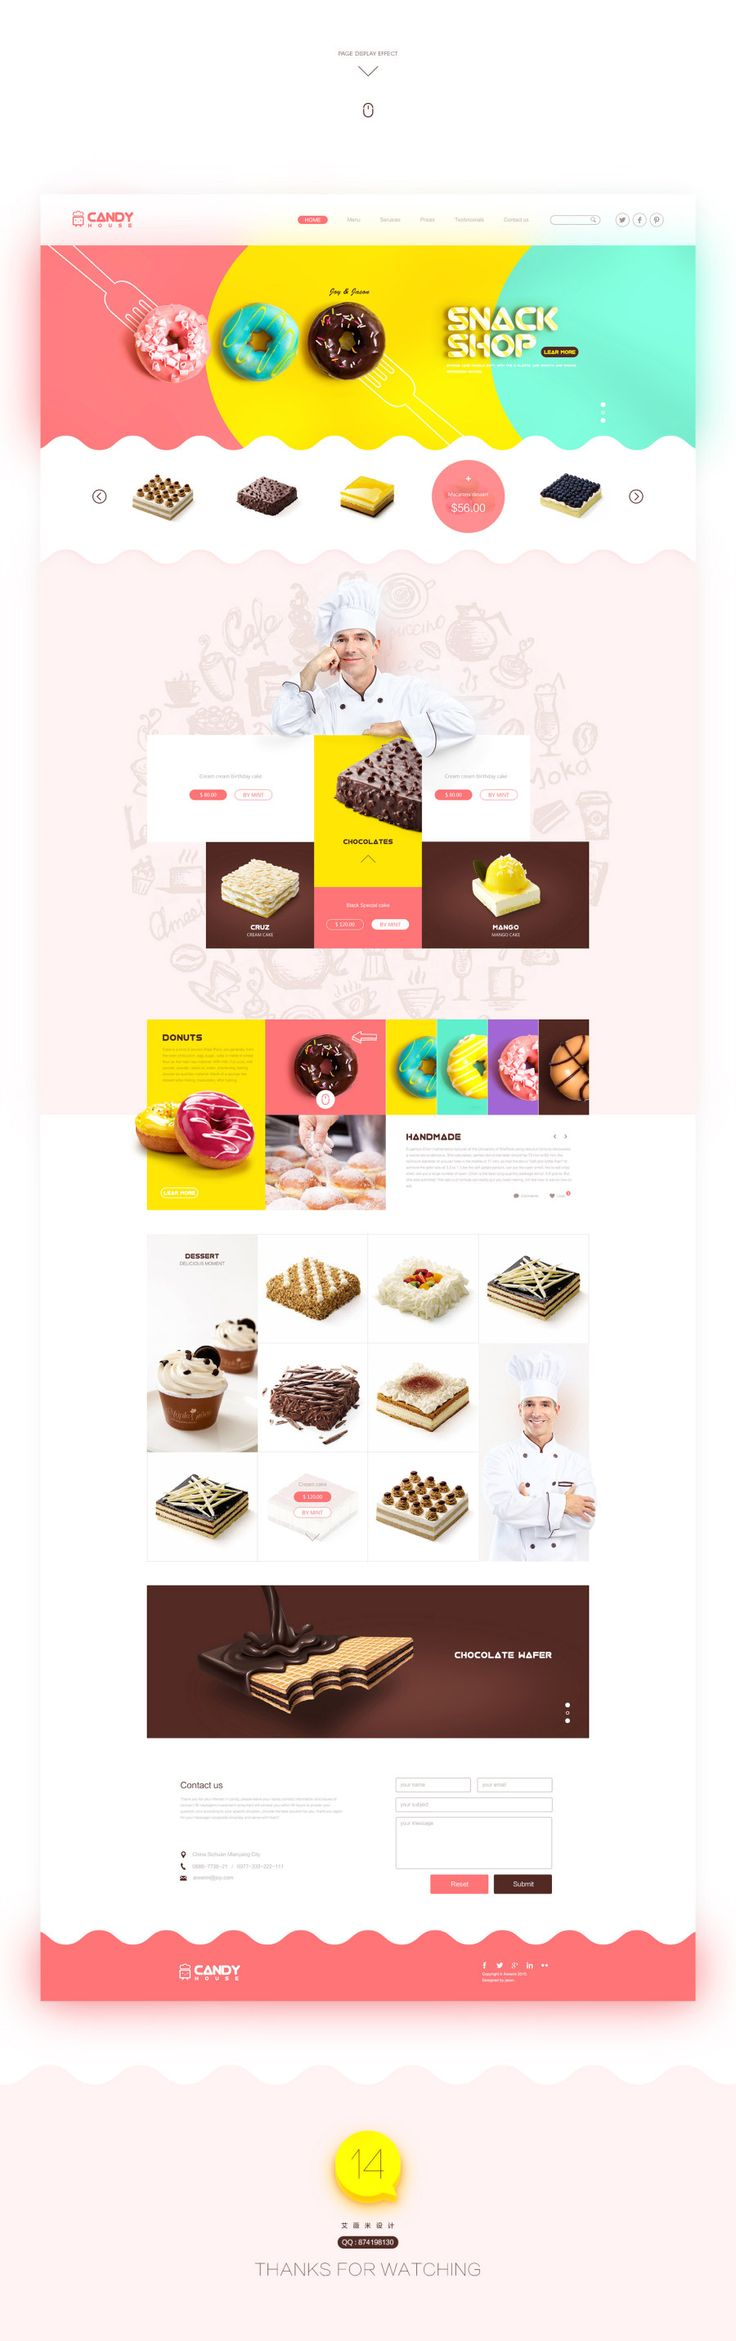 查看《甜品蛋糕网页设计》原图,原图尺寸:1600x5090